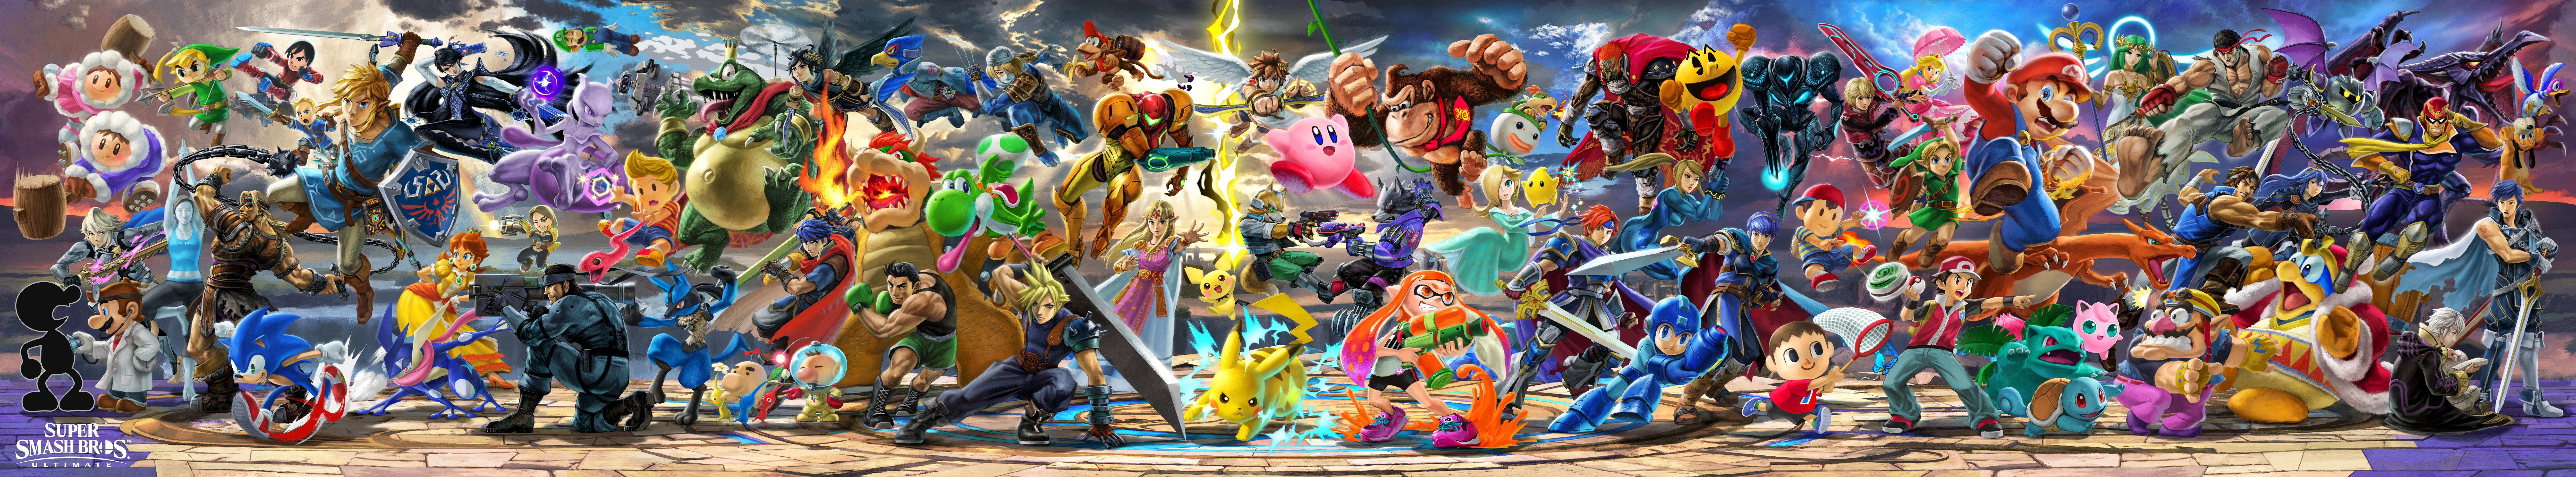 Illustration_-_Super_Smash_Bros_Ultimate